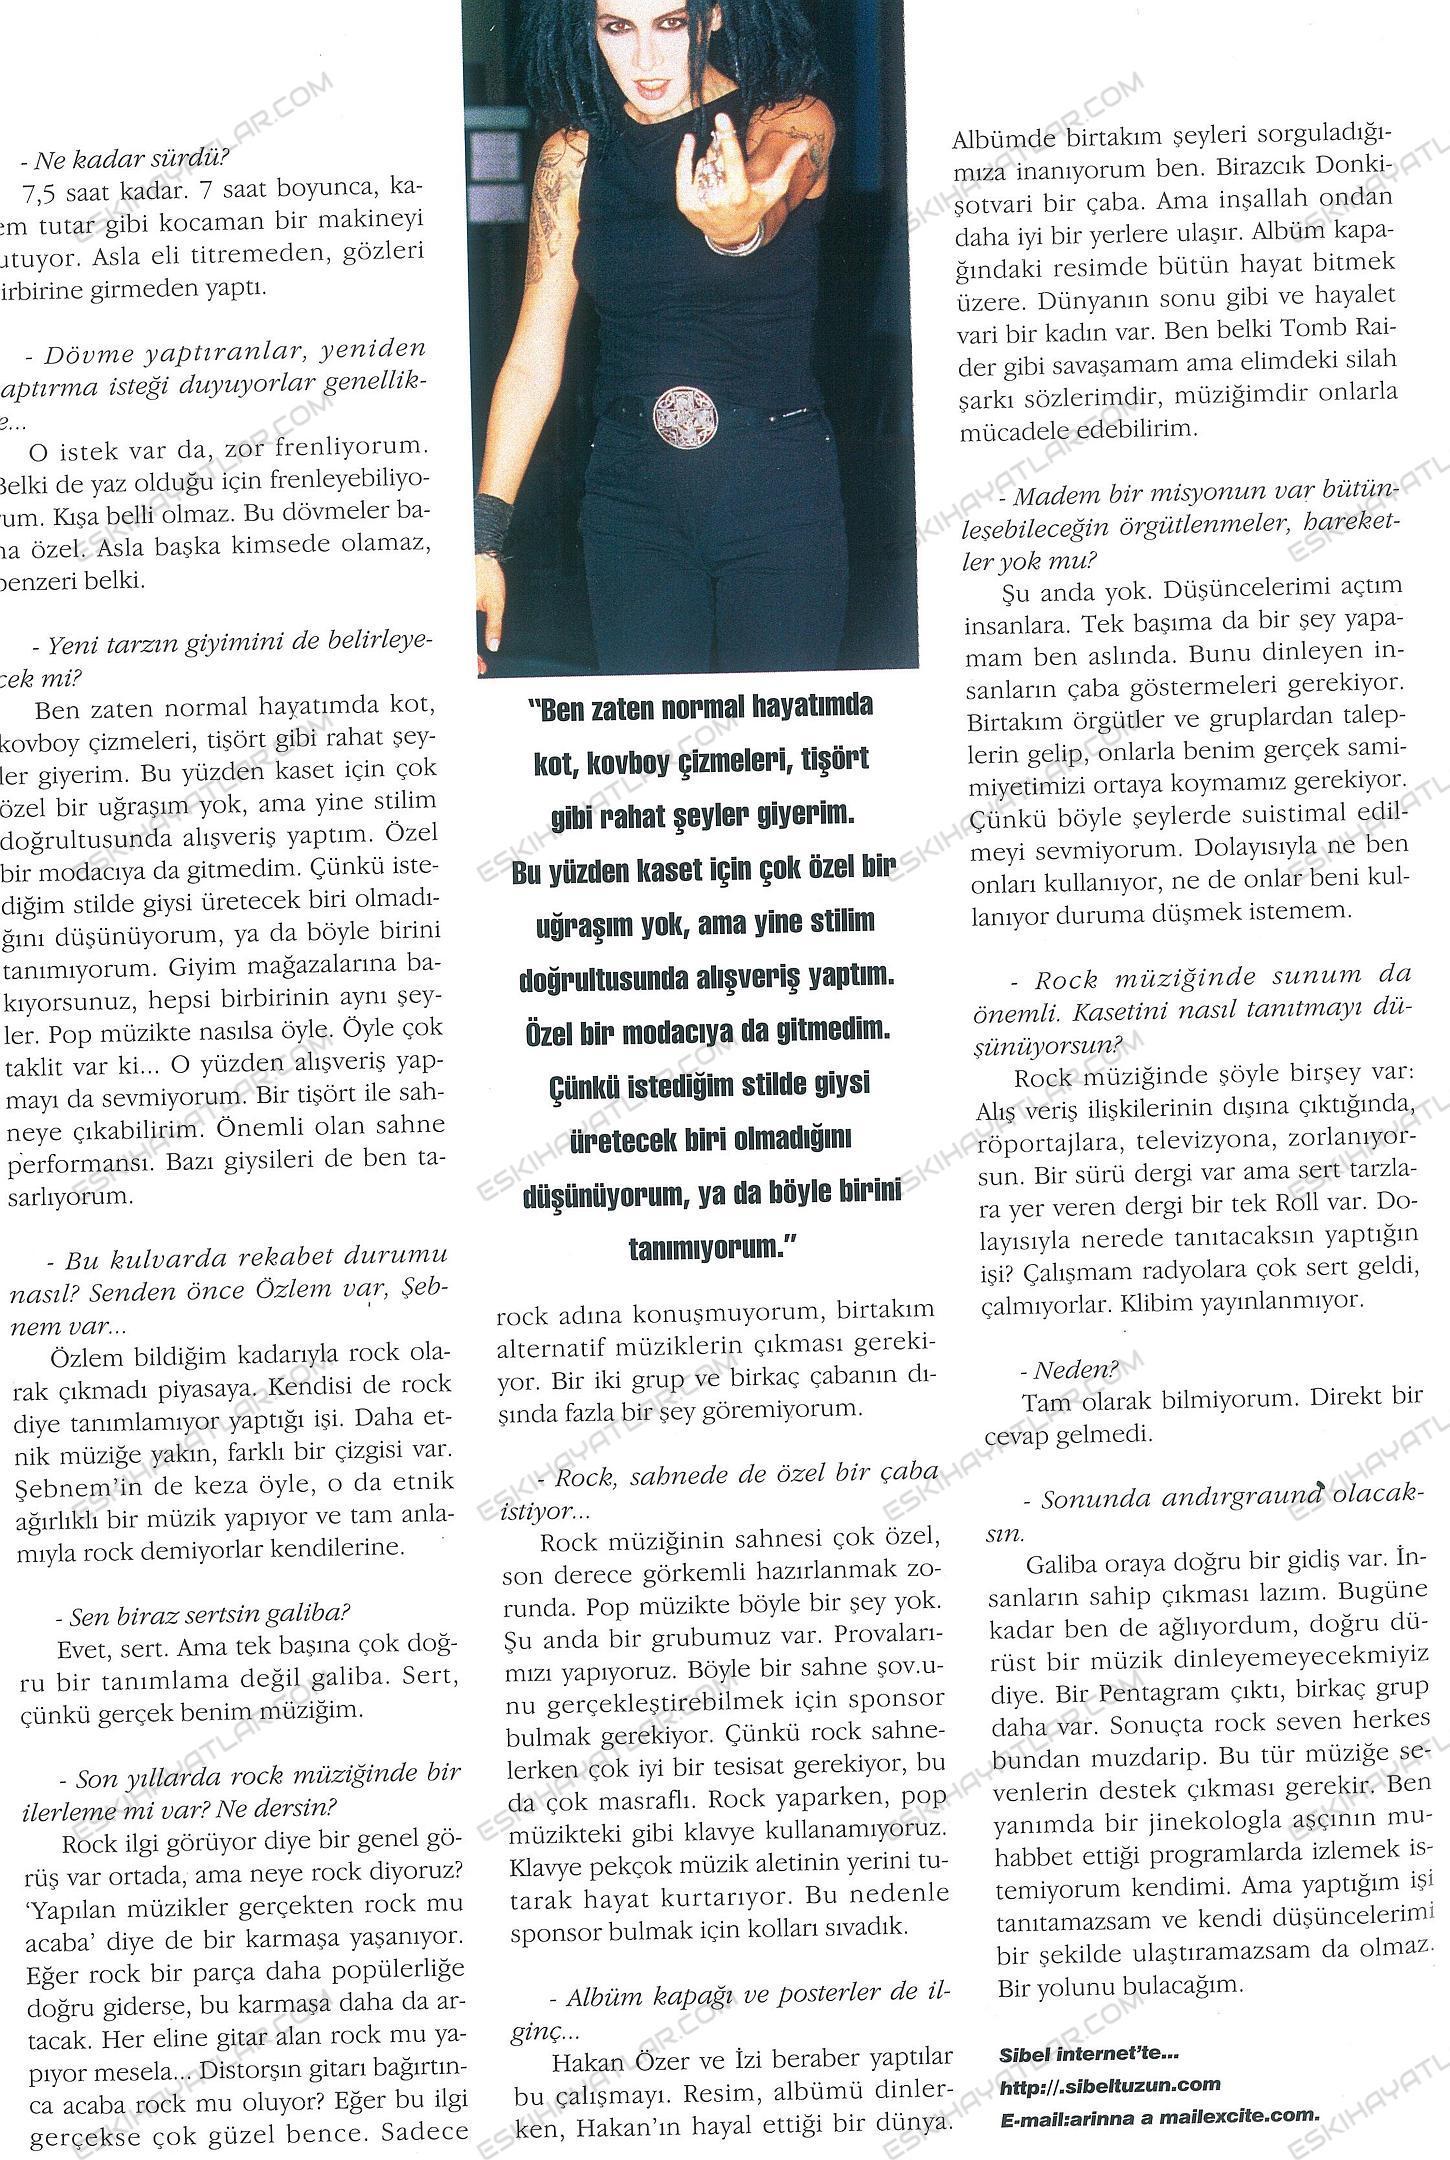 0341-sibel-tuzun-doksanlarda-rock-1998-cosmopolitan-hayat-buysa-ben-yokum-bu-yolda (3)